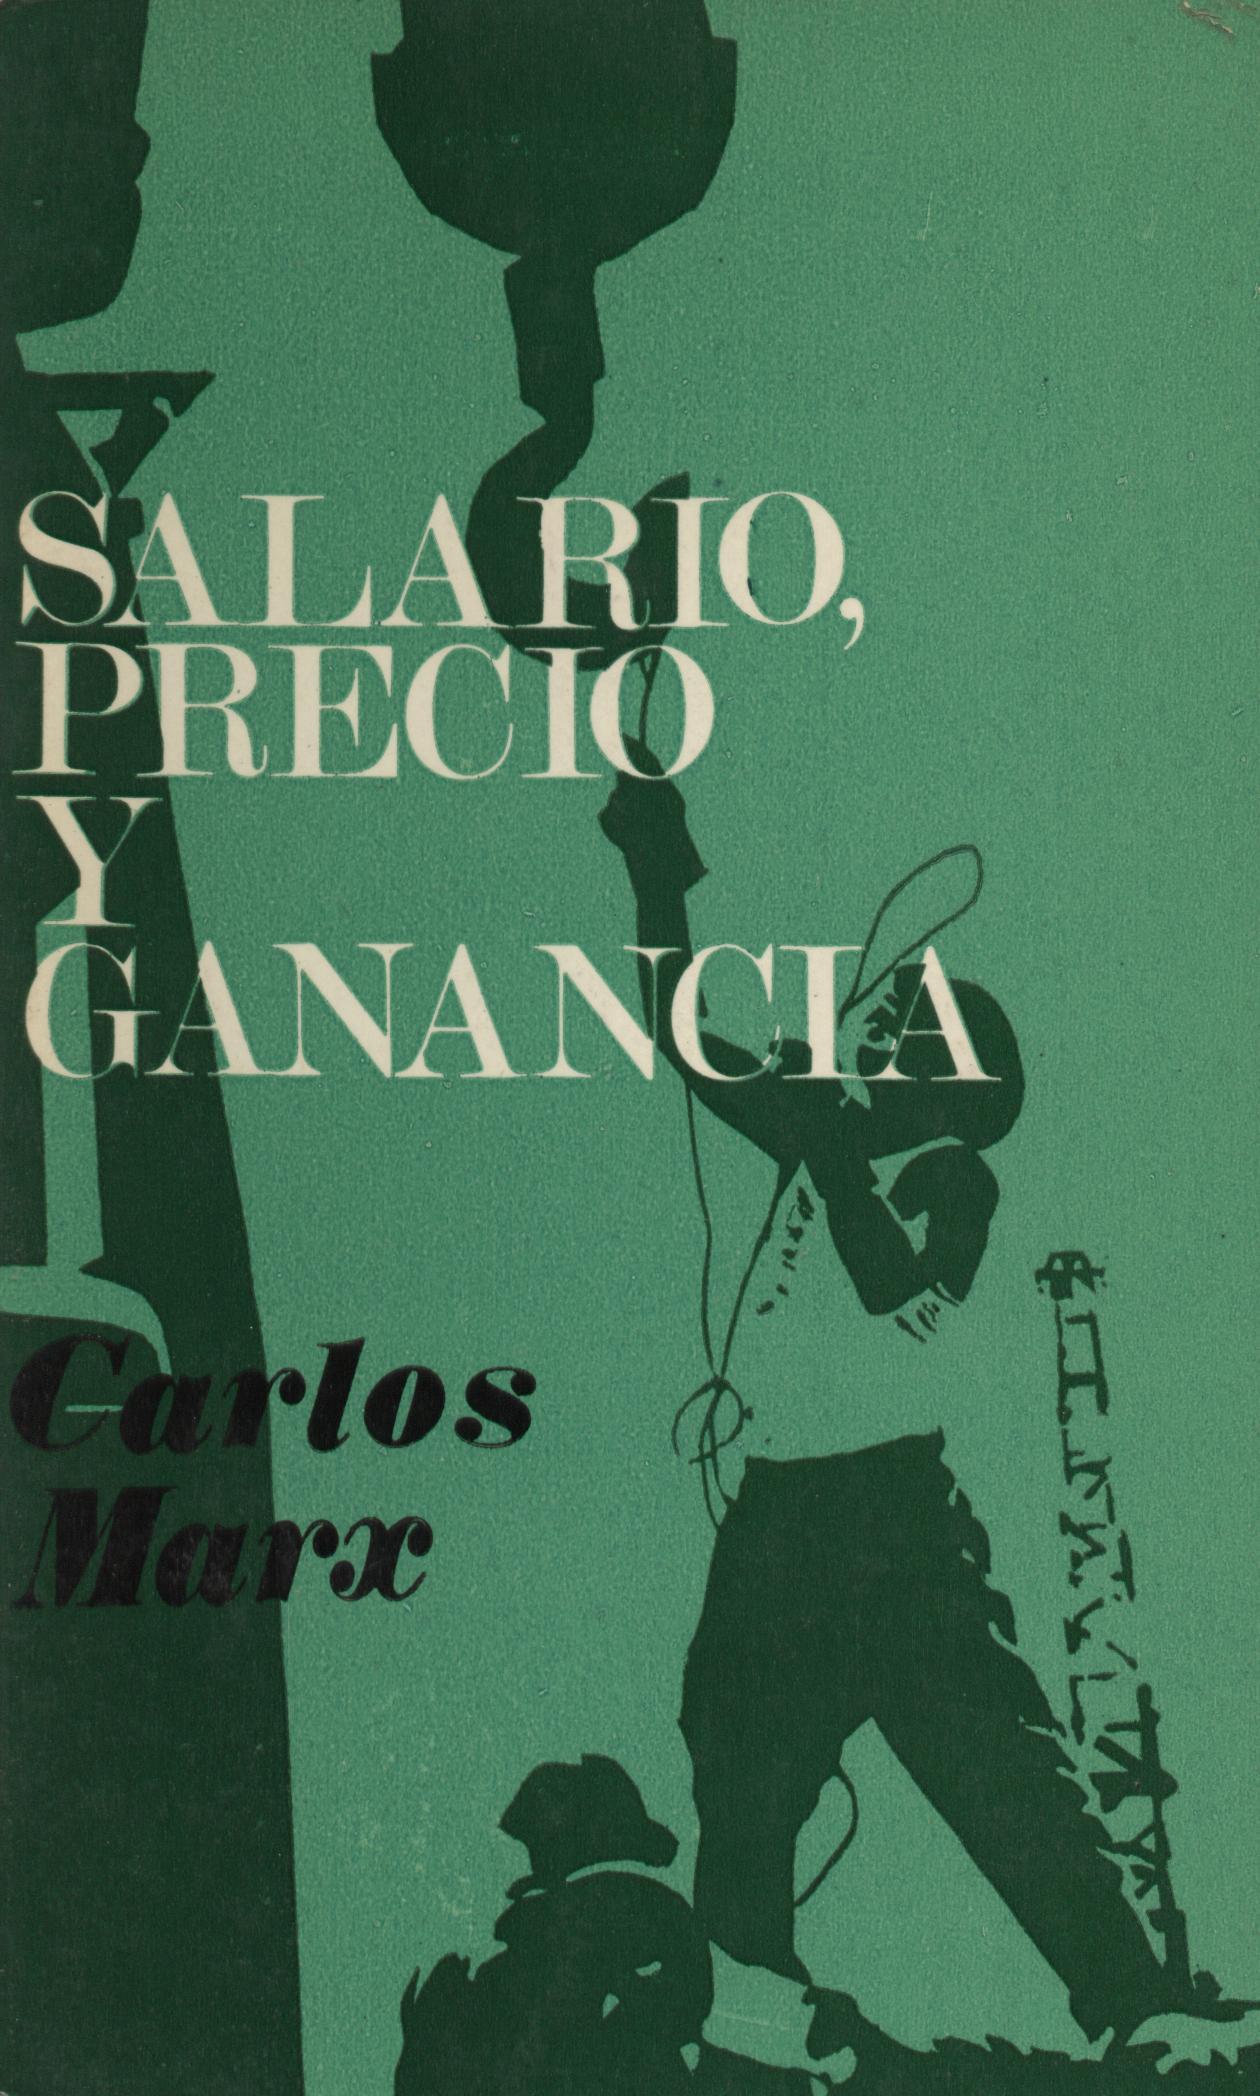 Salario, precio y ganancia - Carl Marx